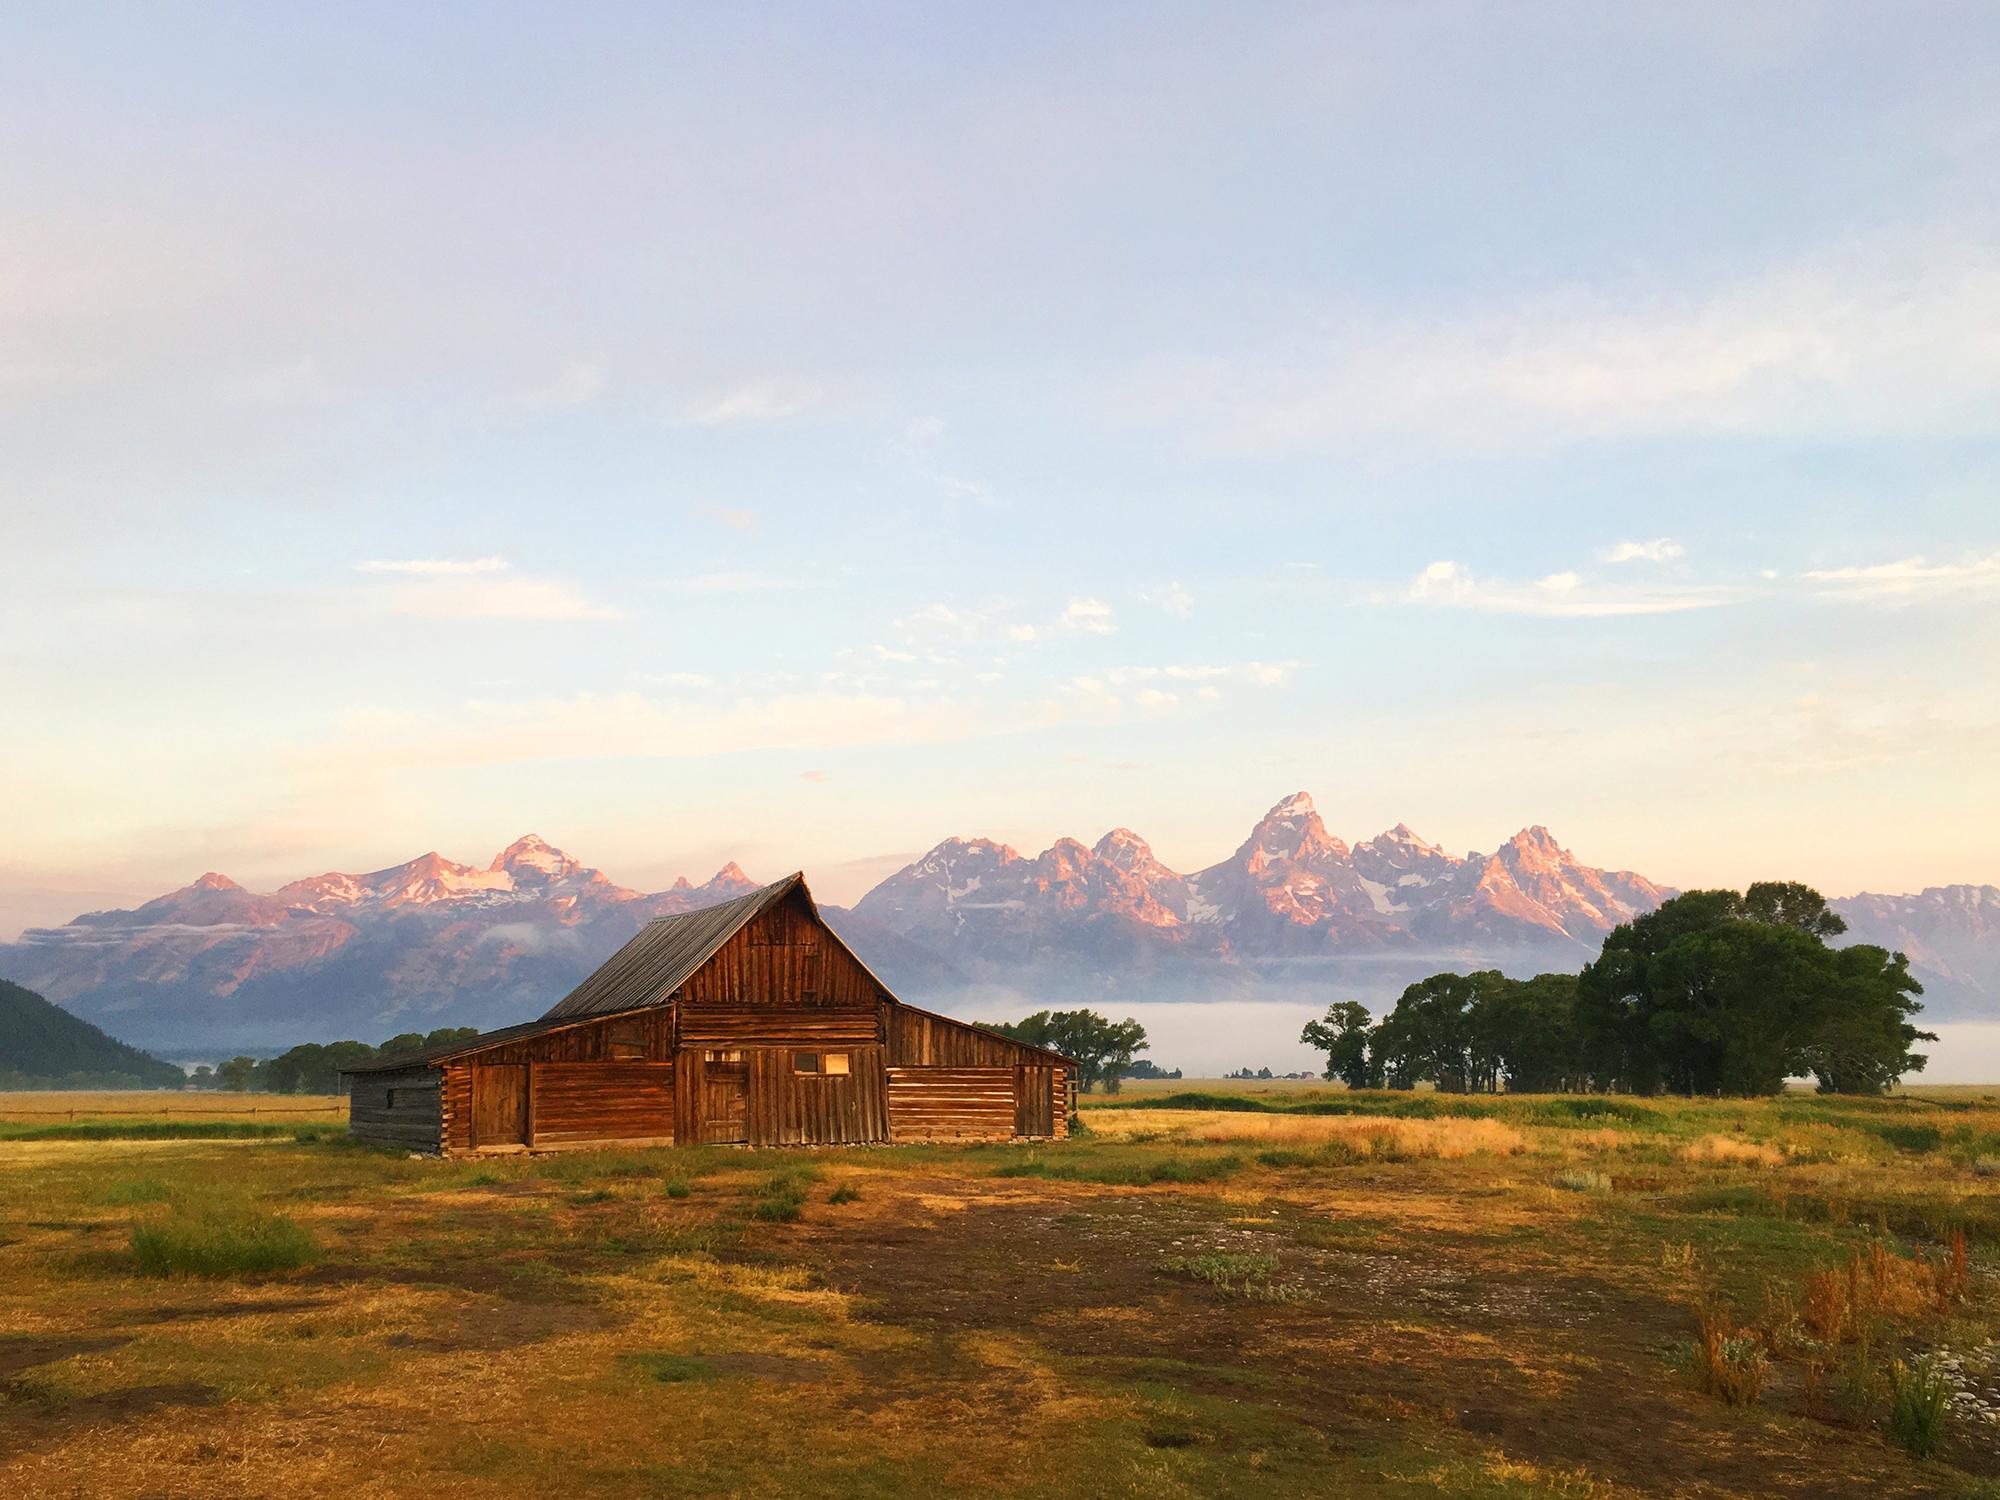 jo-torrijos-states-of-reverie-grand-teton-national-park-mormon-row-sunrise-8.jpg